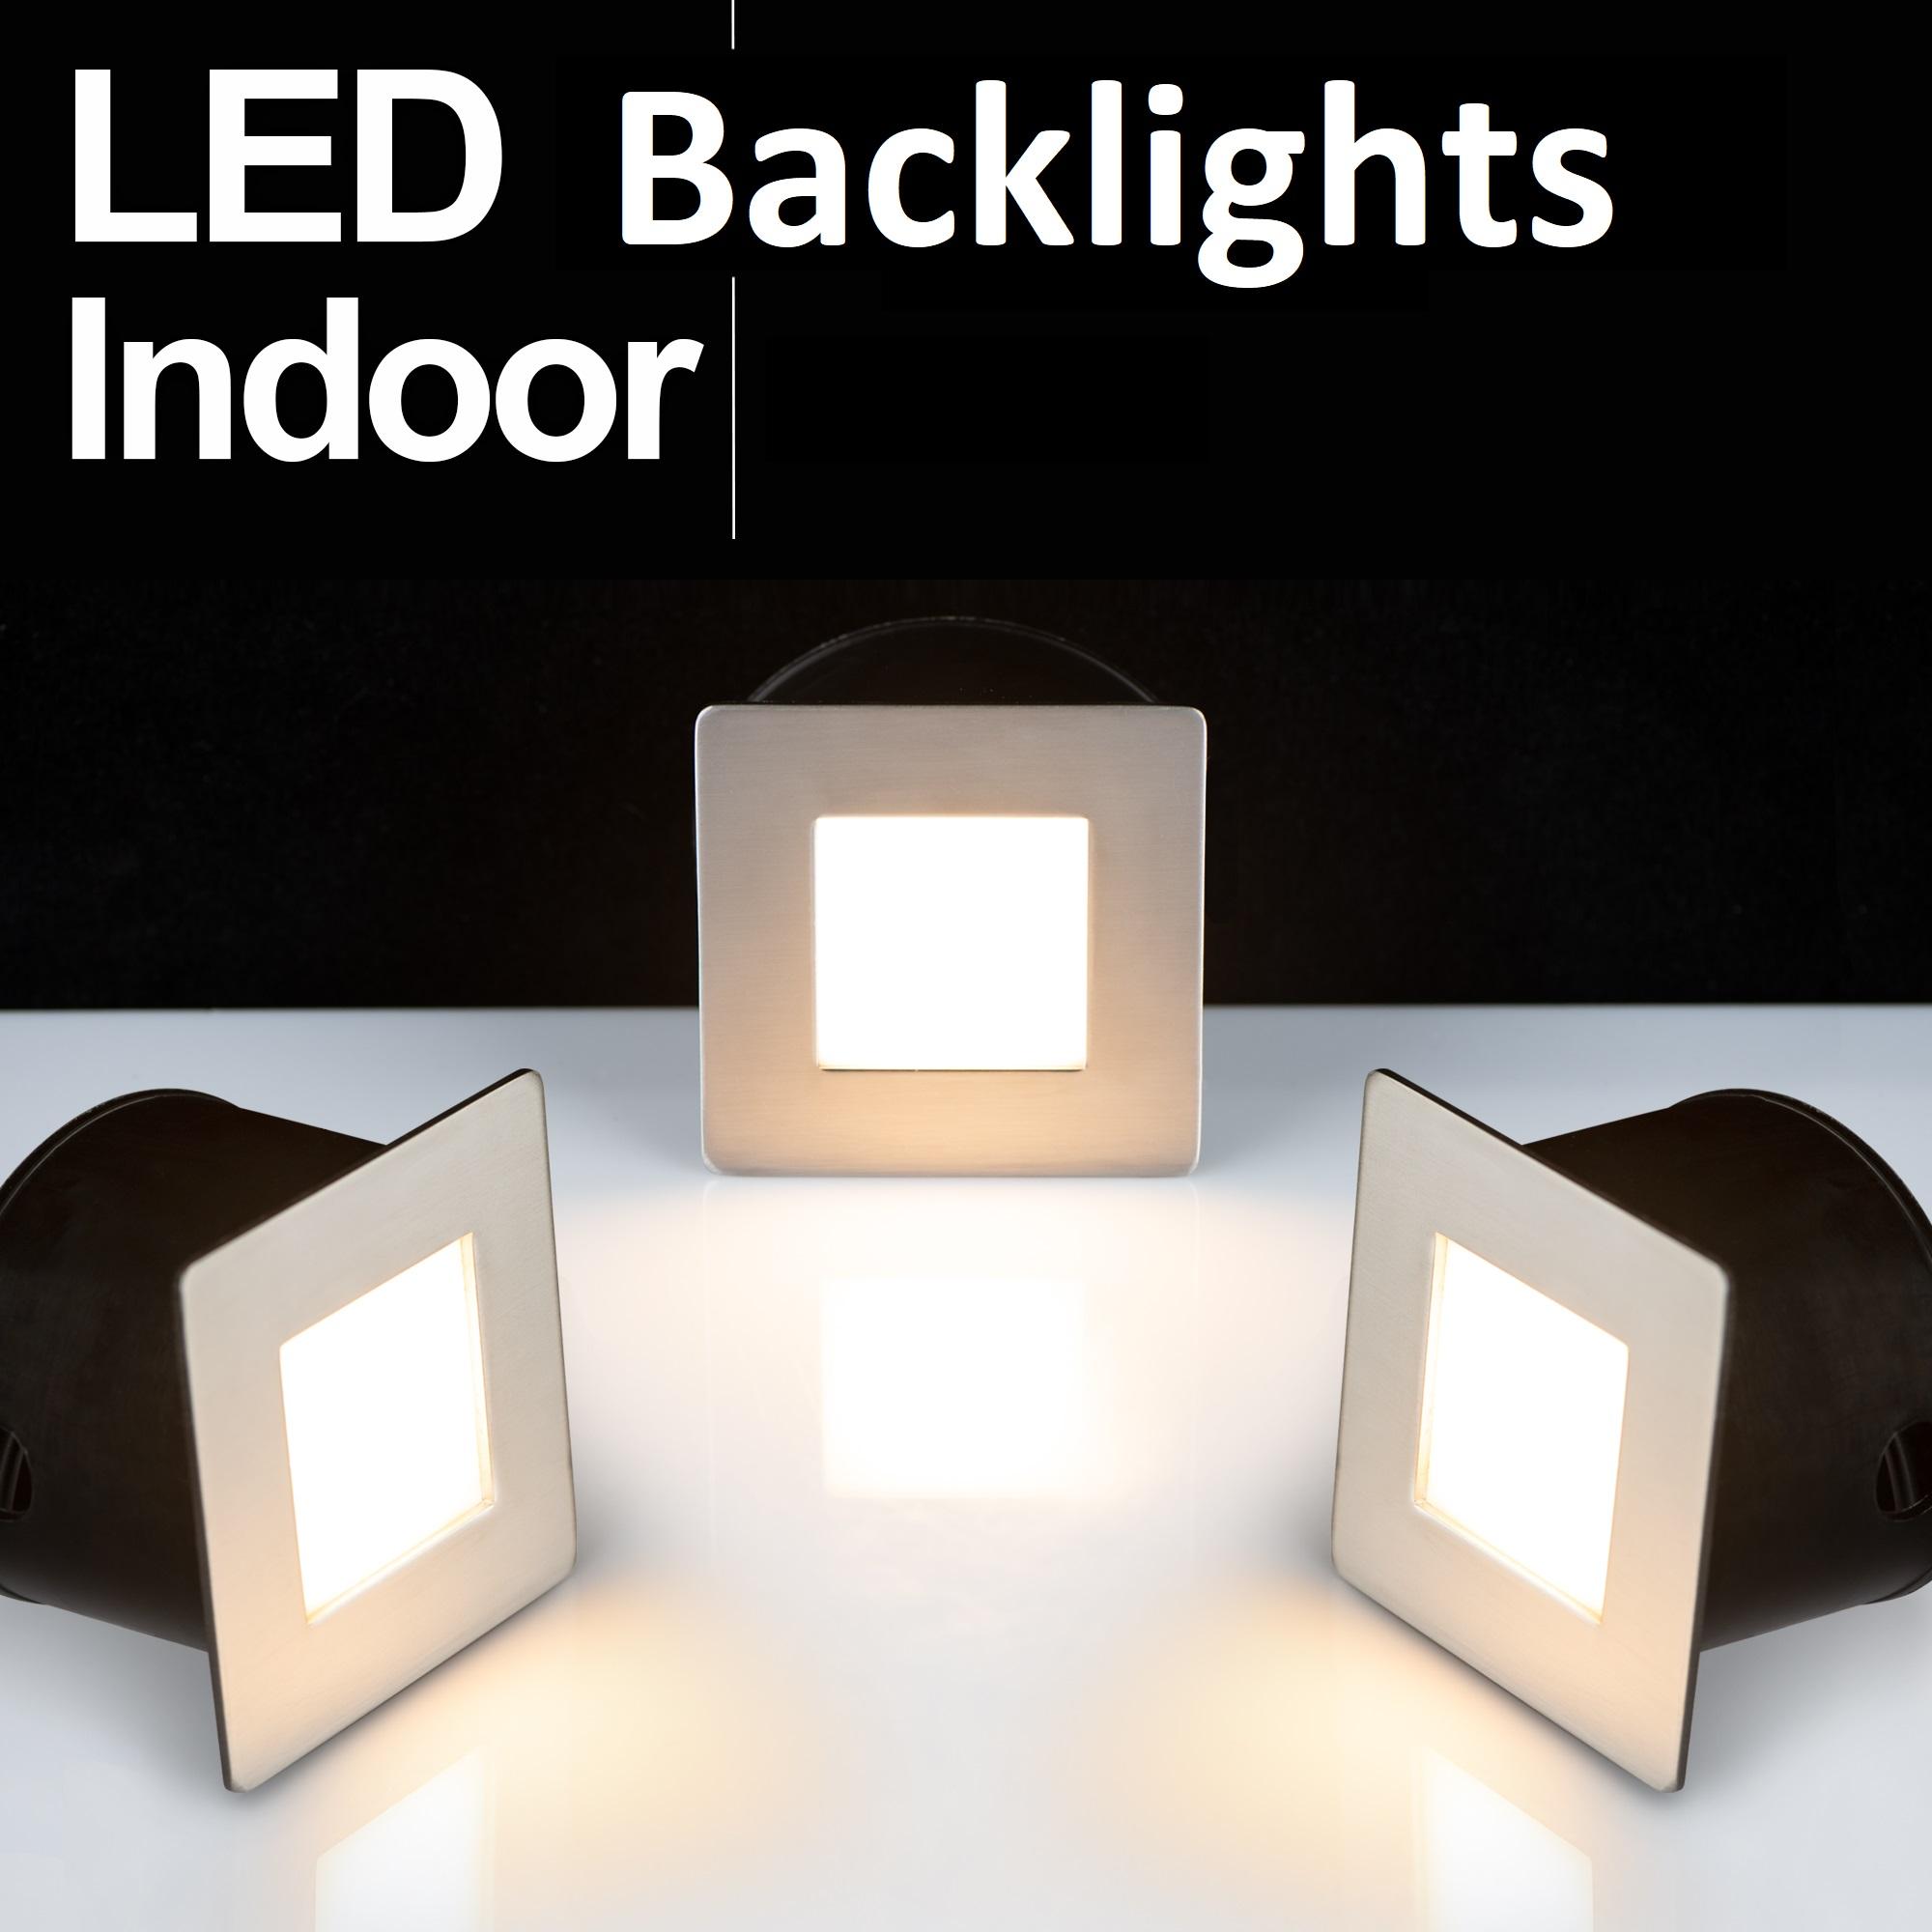 LED BACKLIGHTS